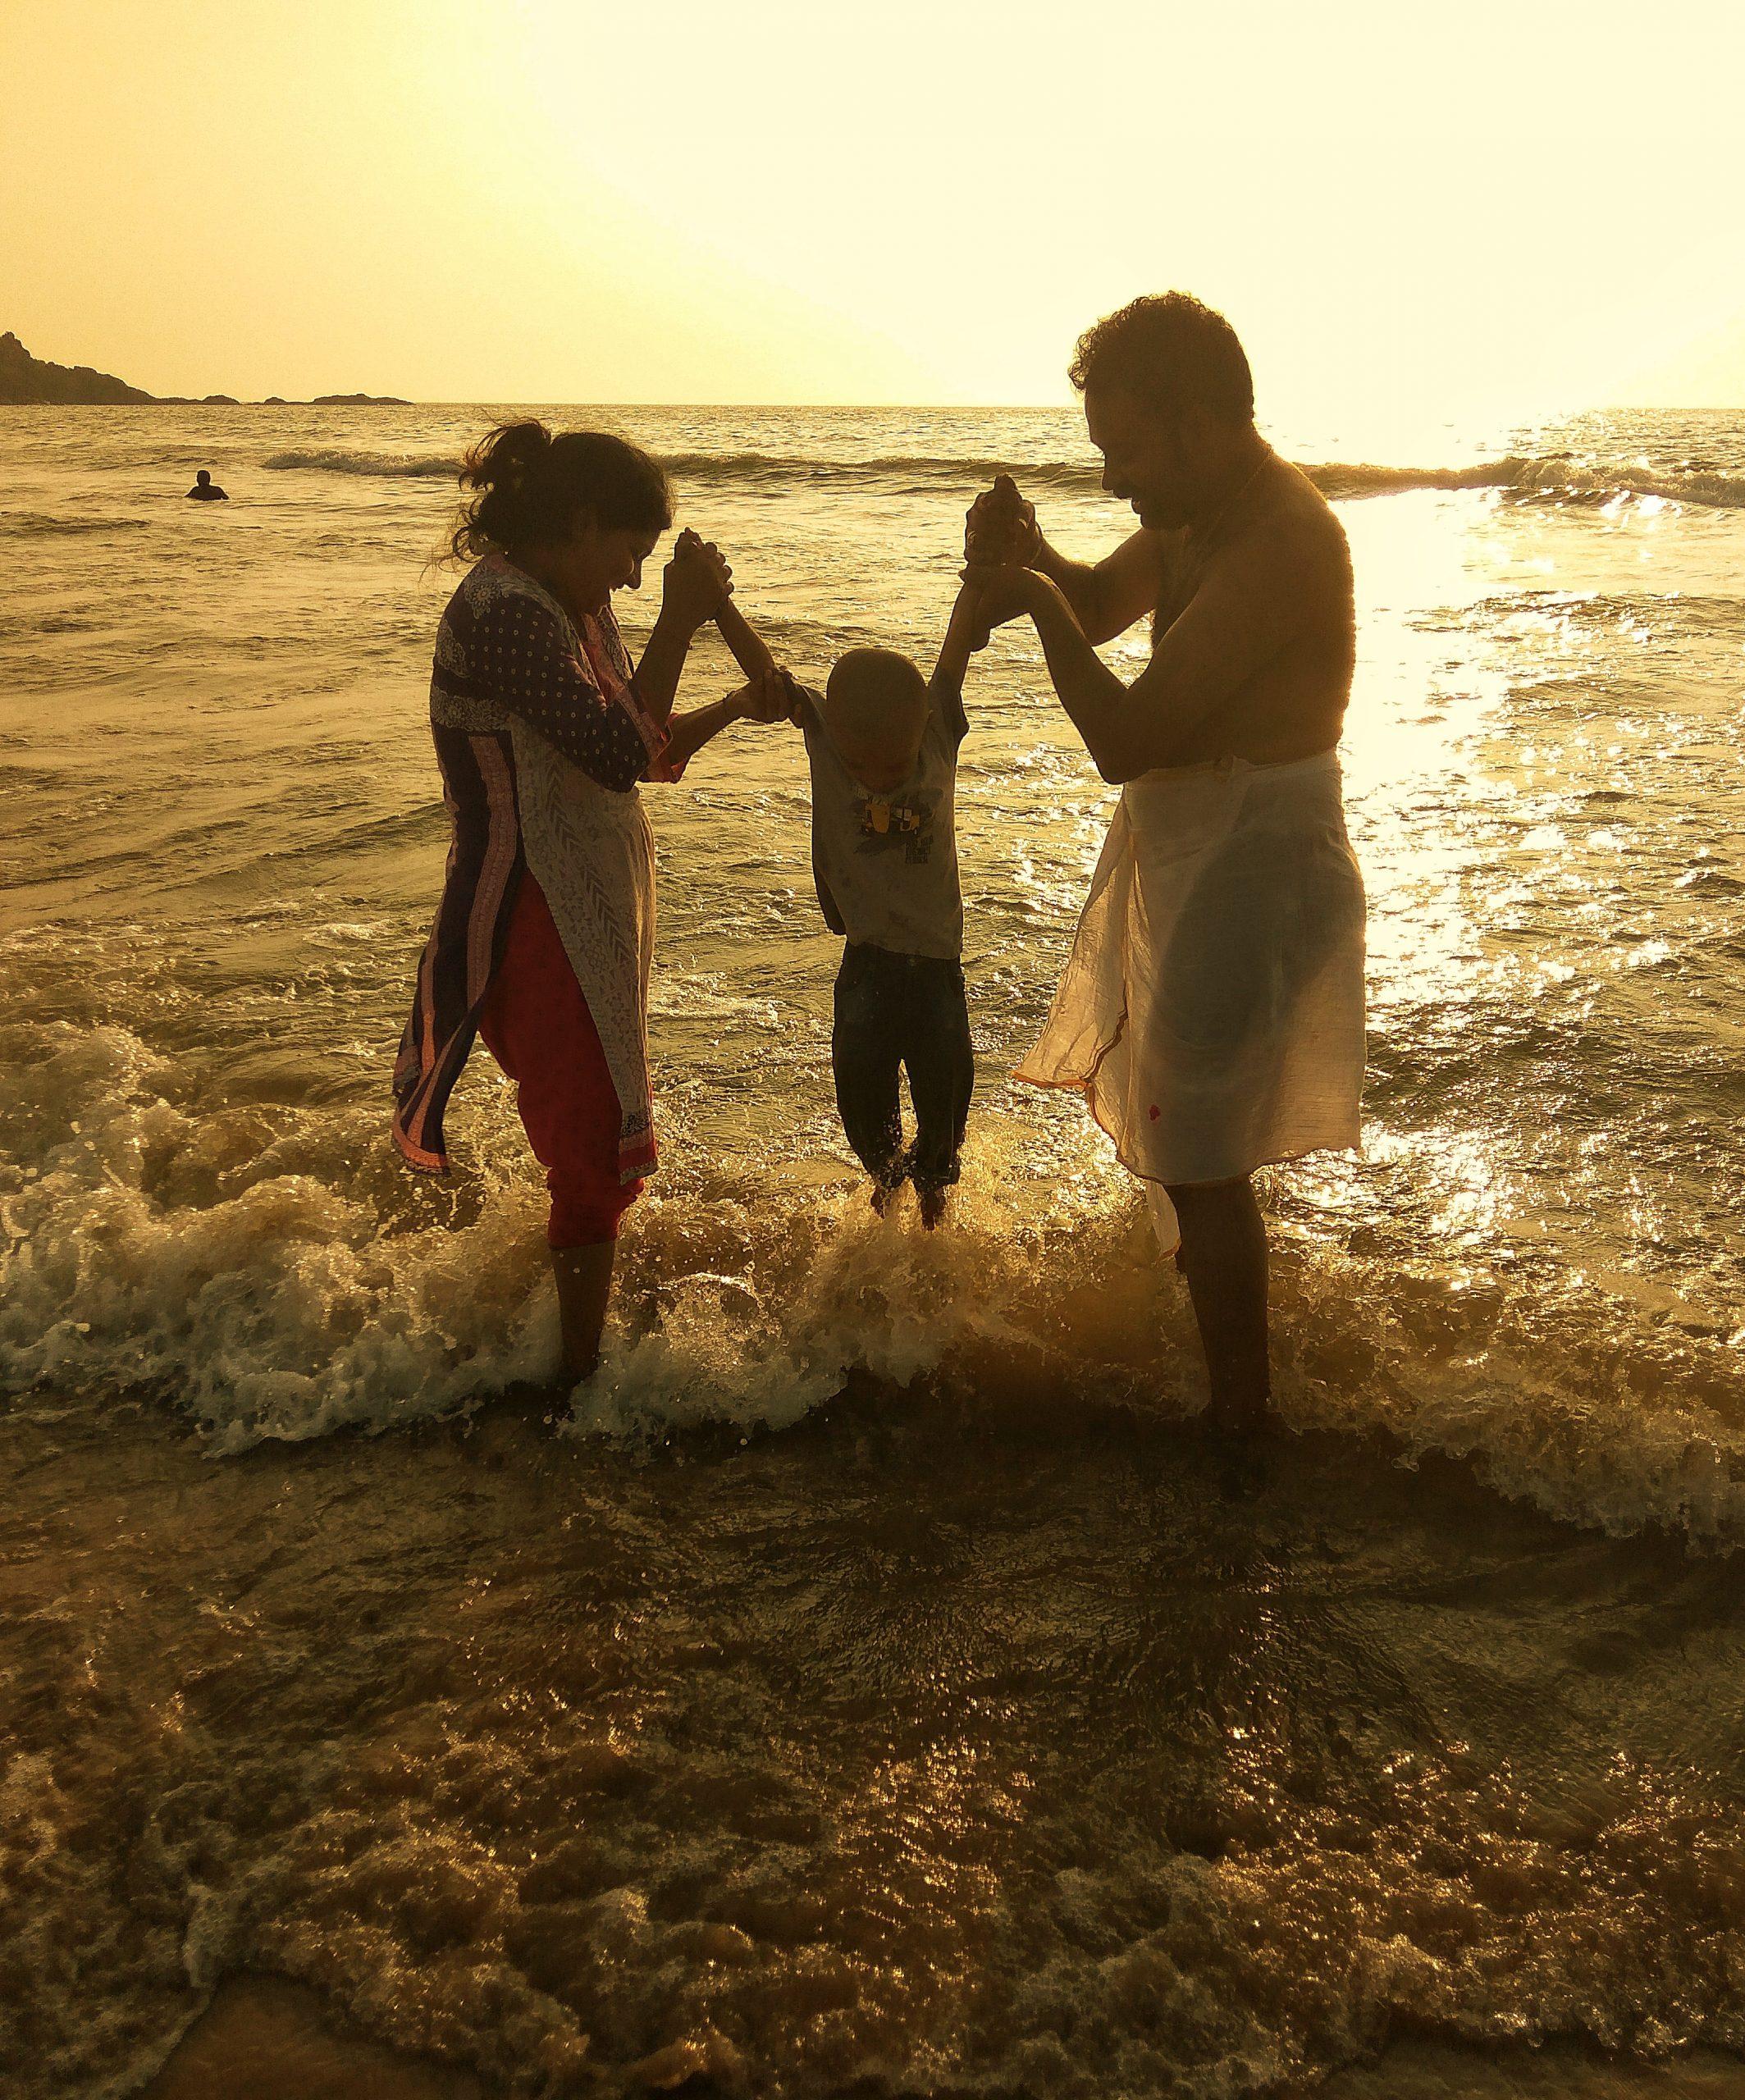 A couple with a kid on a beach